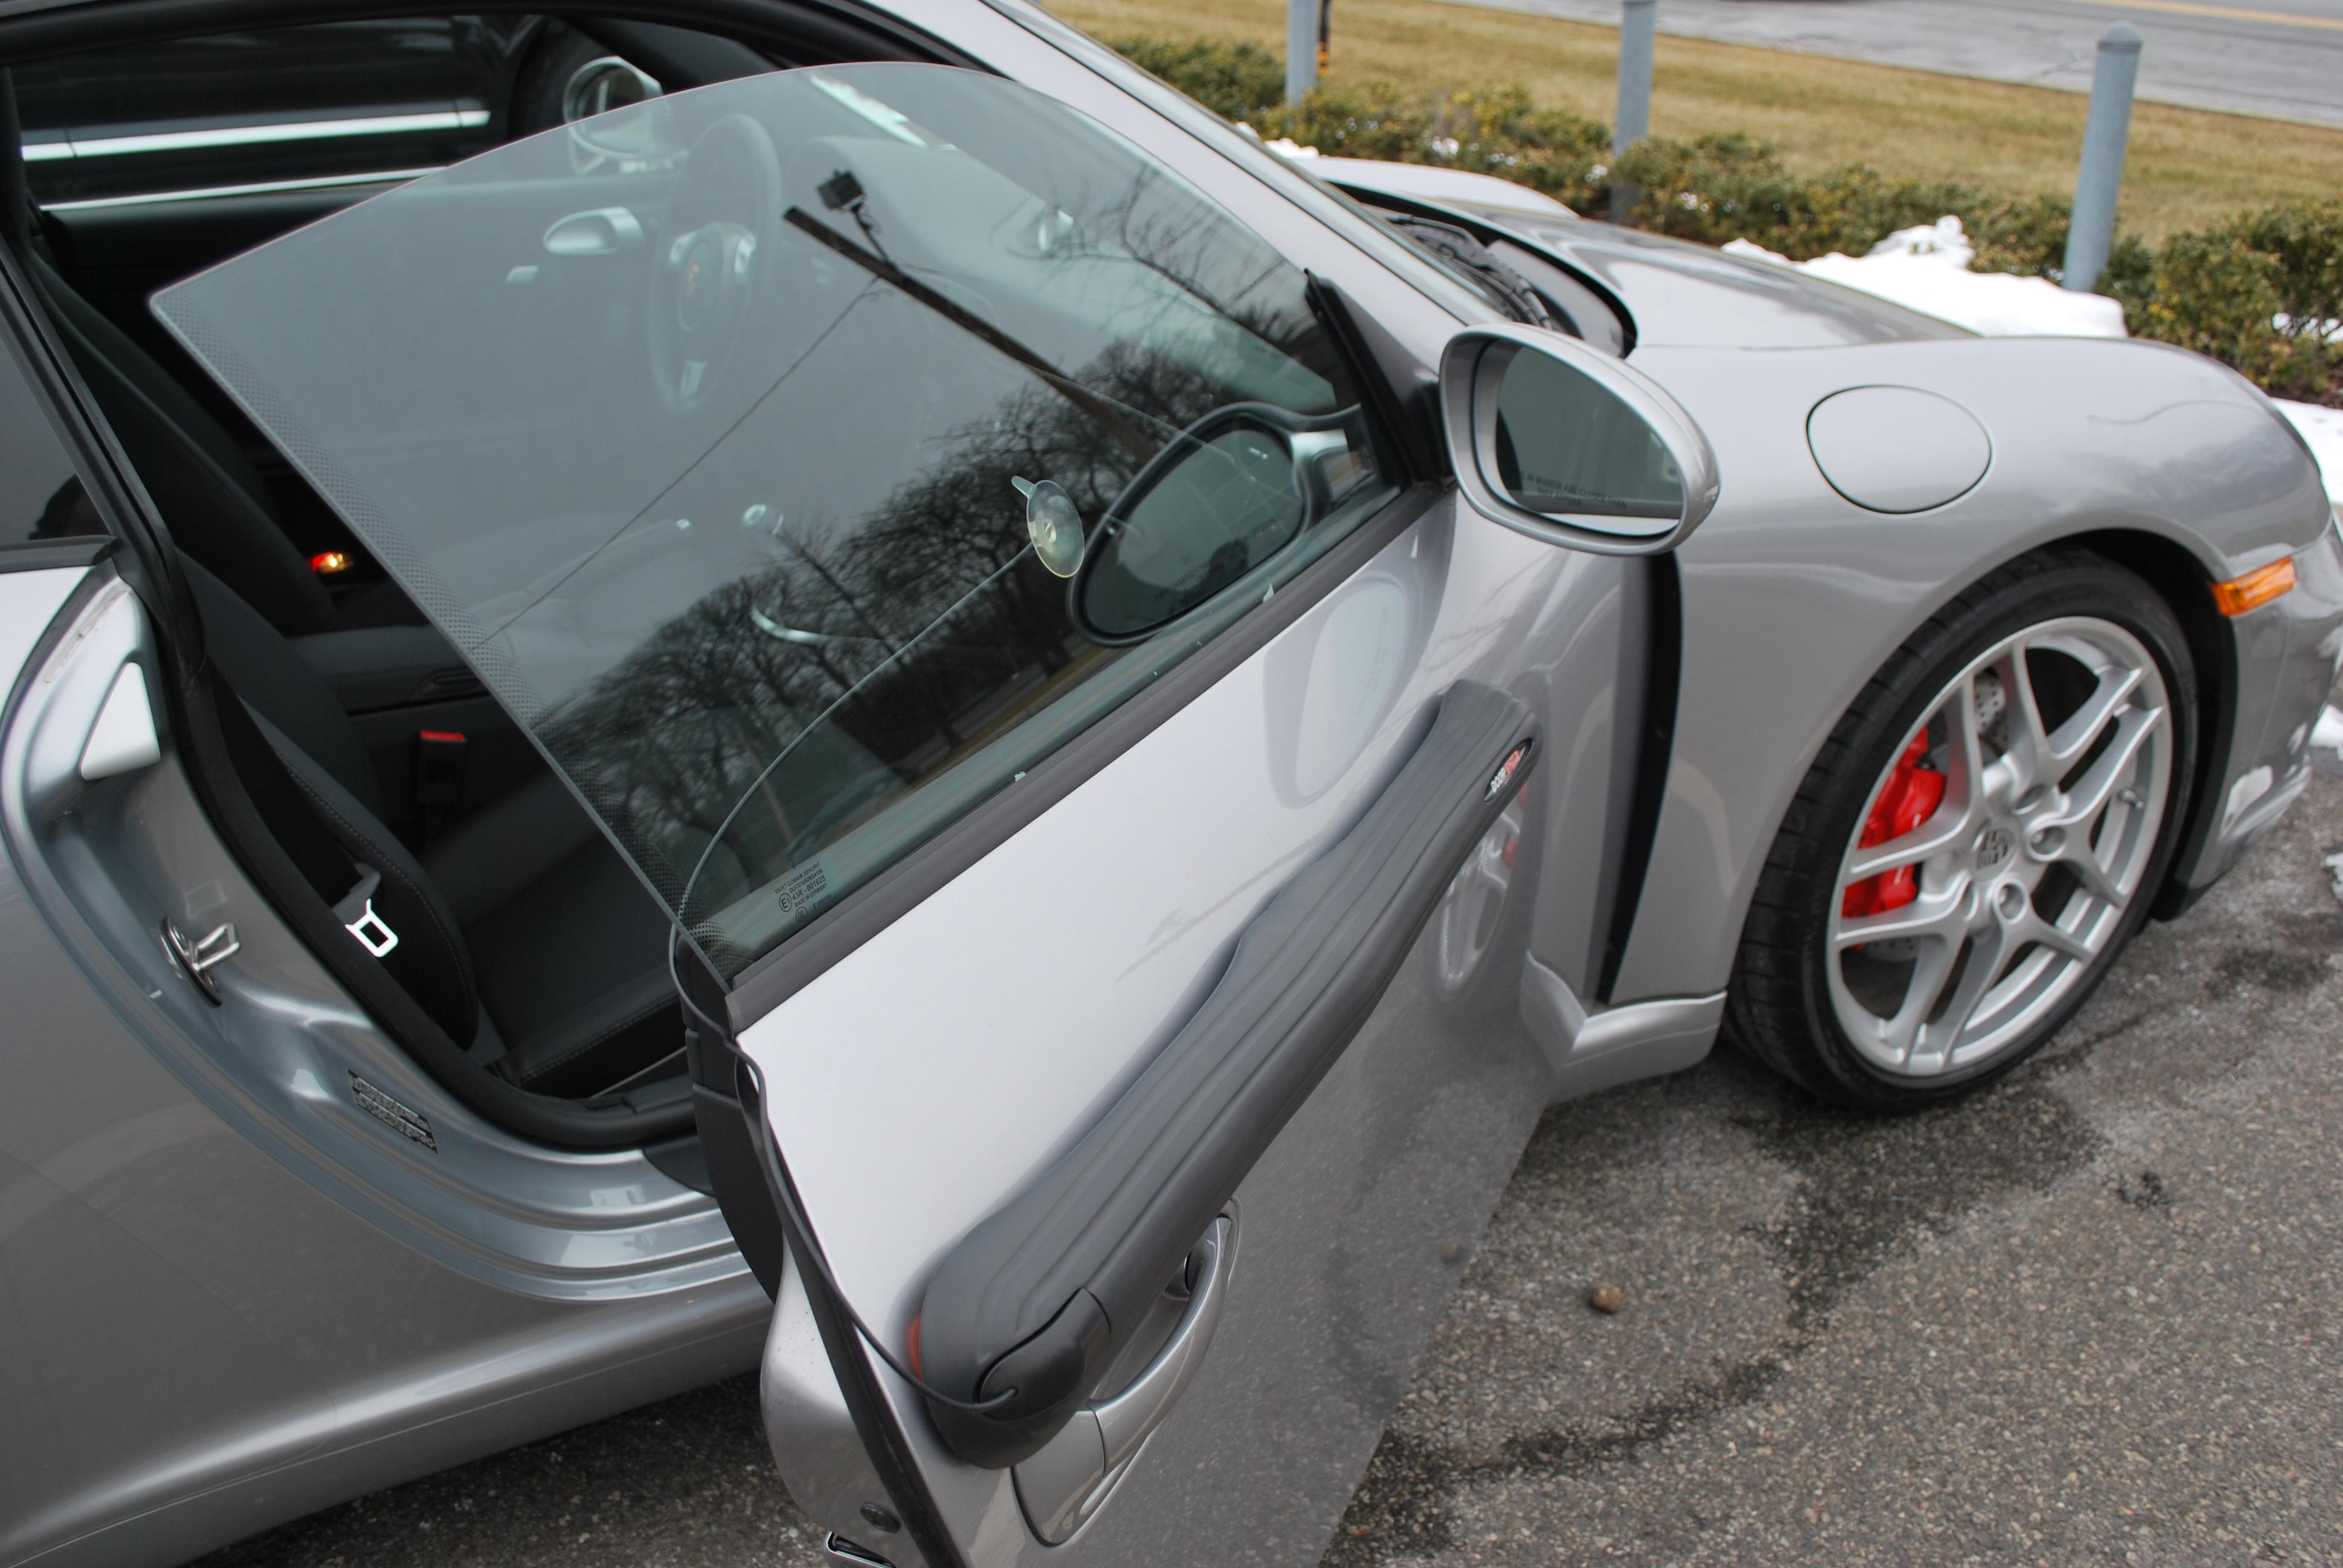 Removable Magnetic Car Door Protector Prevents Car Door